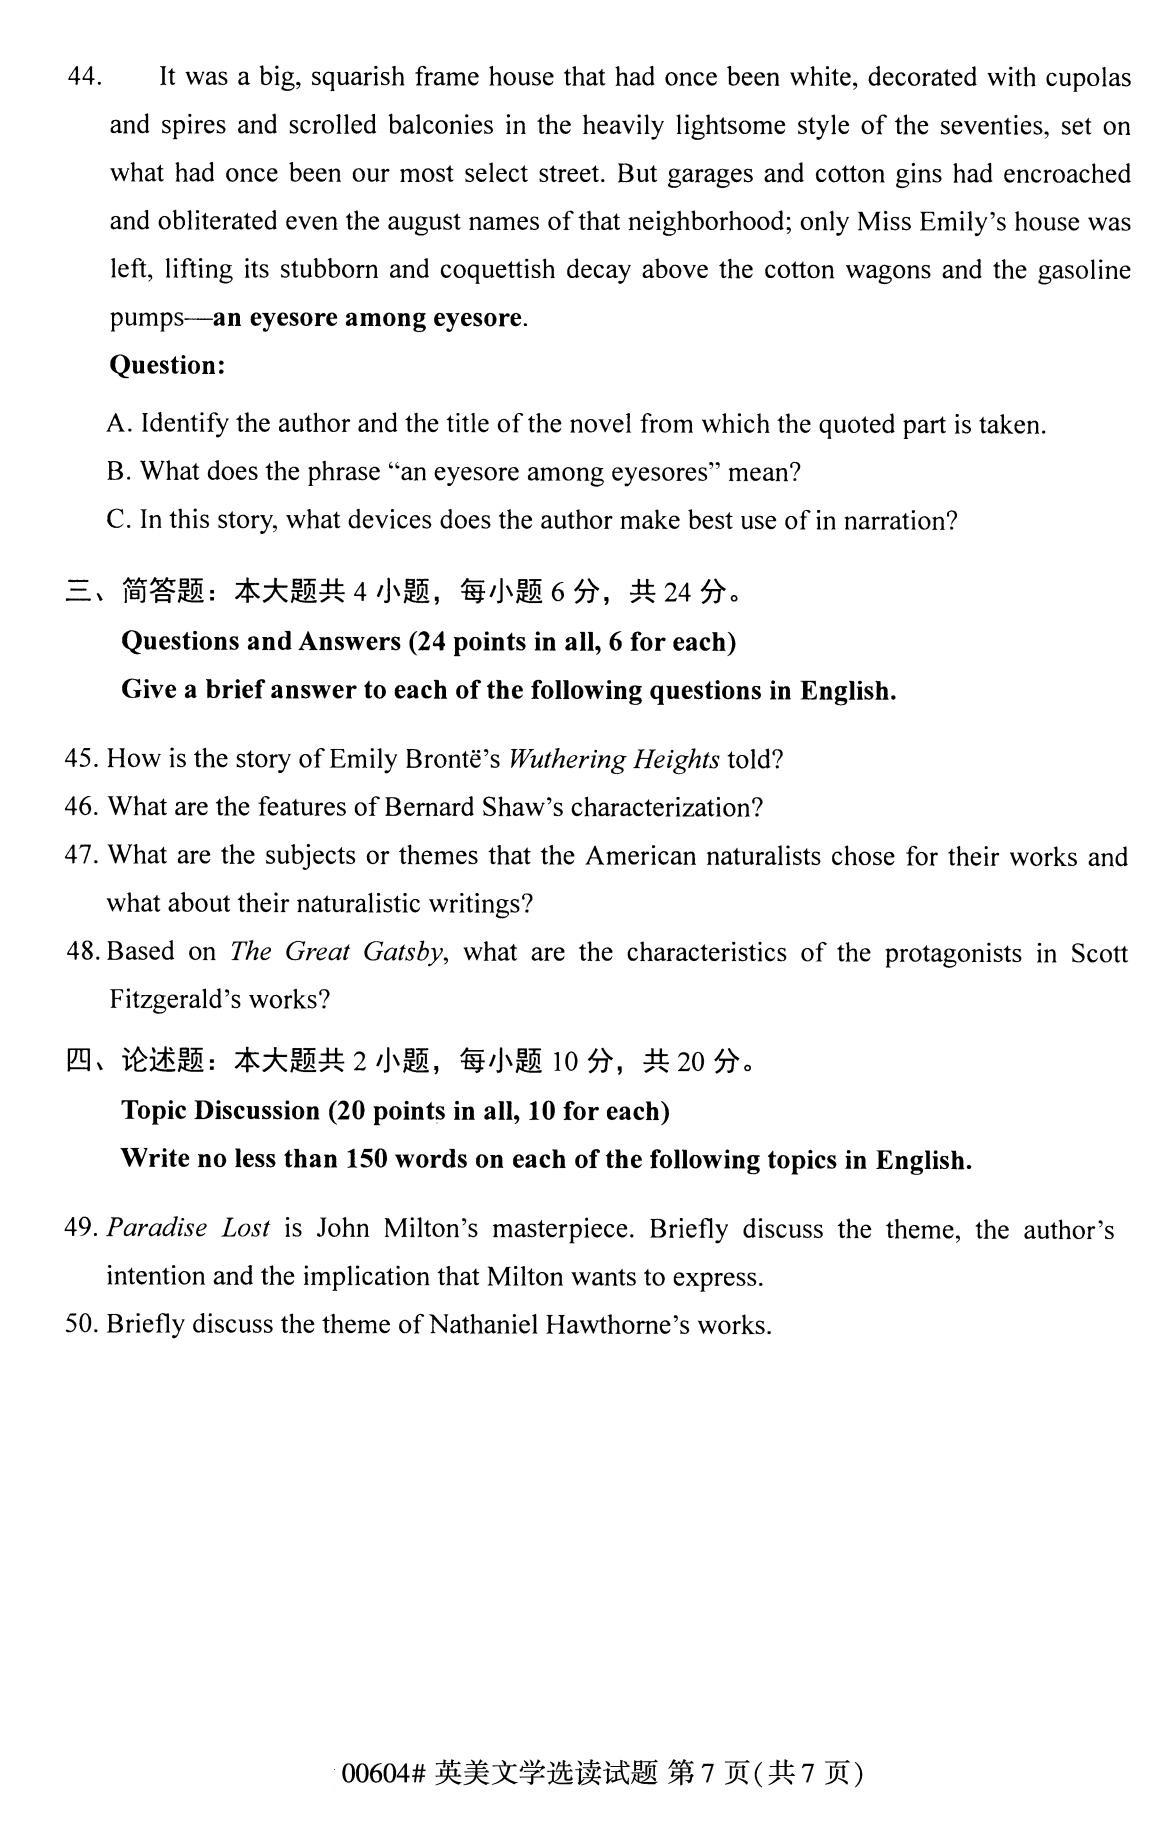 浙江自考本科复习资料:2020年8月自考00604英美文学选读试题7